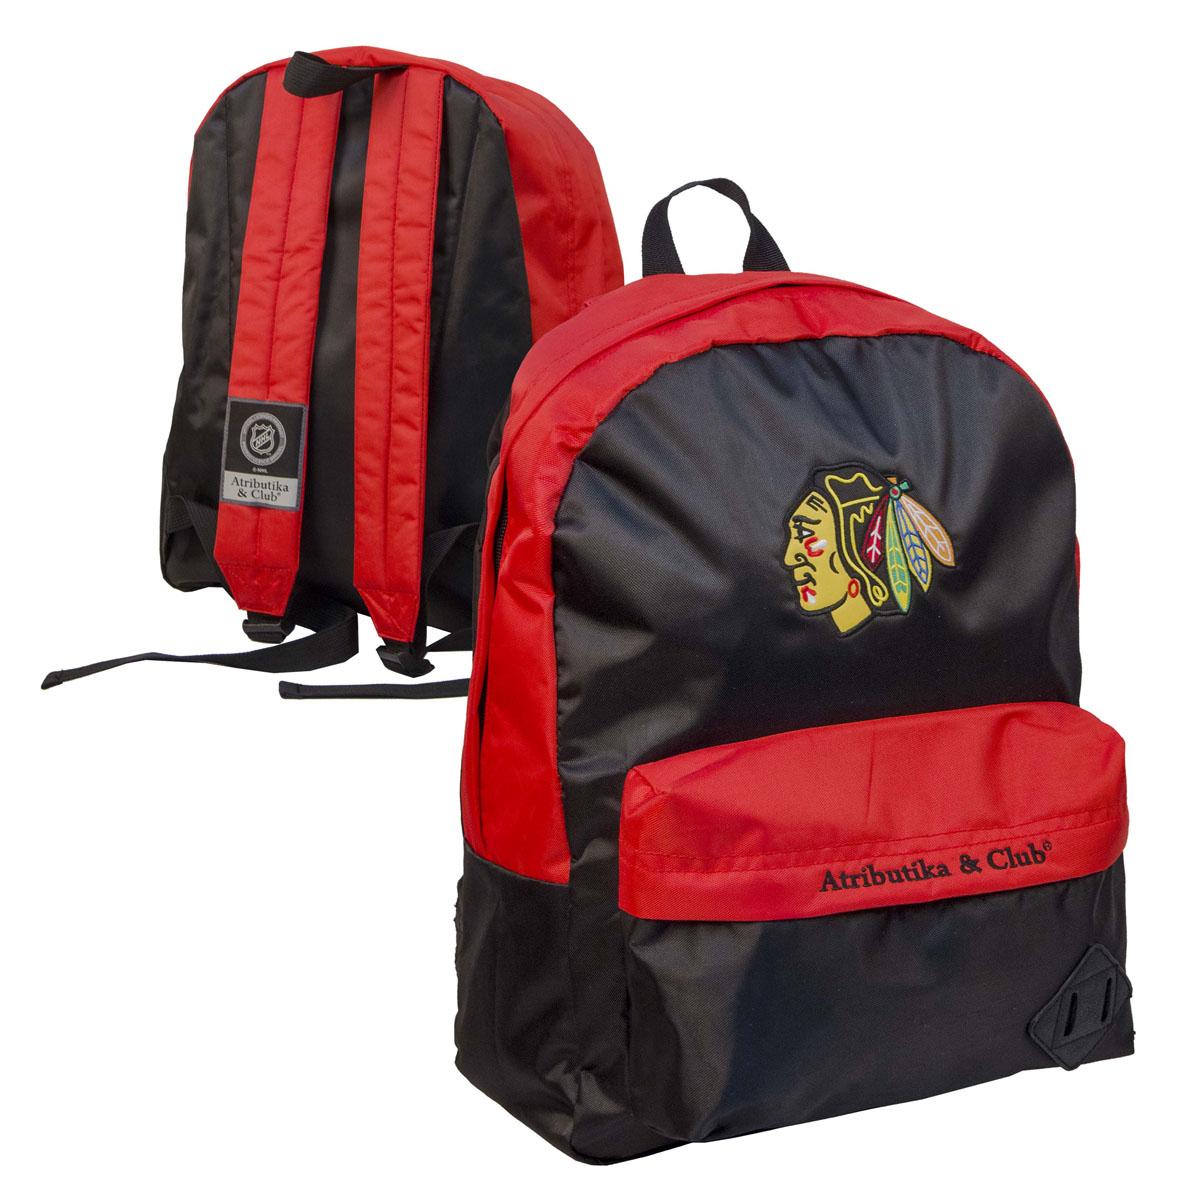 Рюкзак спортивный NHL Blackhawks, цвет: черно-красный, 18 л. 58040 ( 58040 )